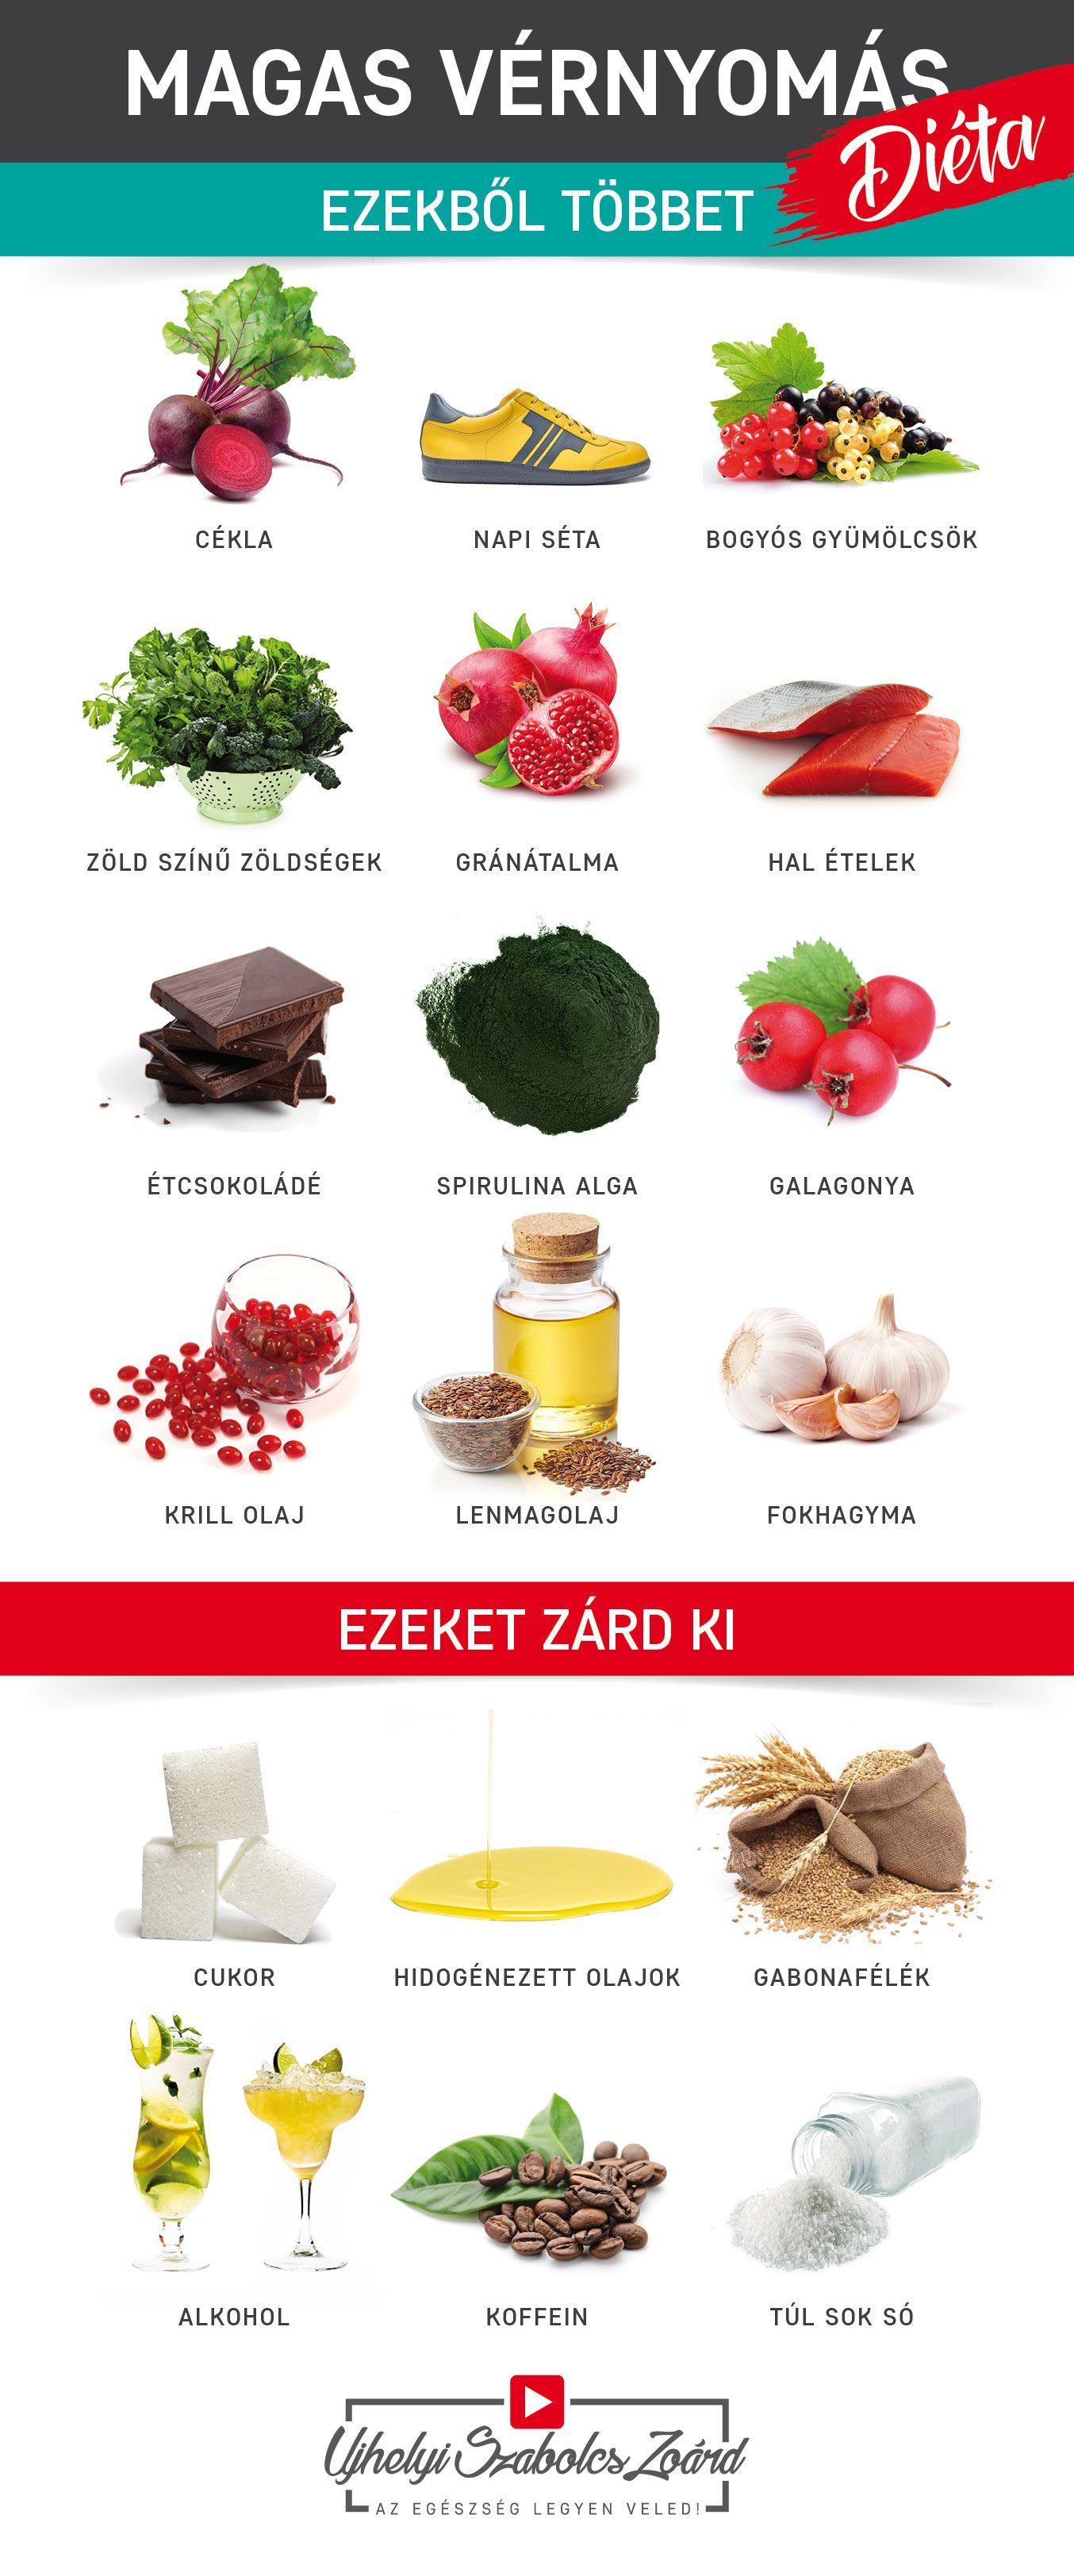 magas vérnyomás és egészséges táplálkozás)